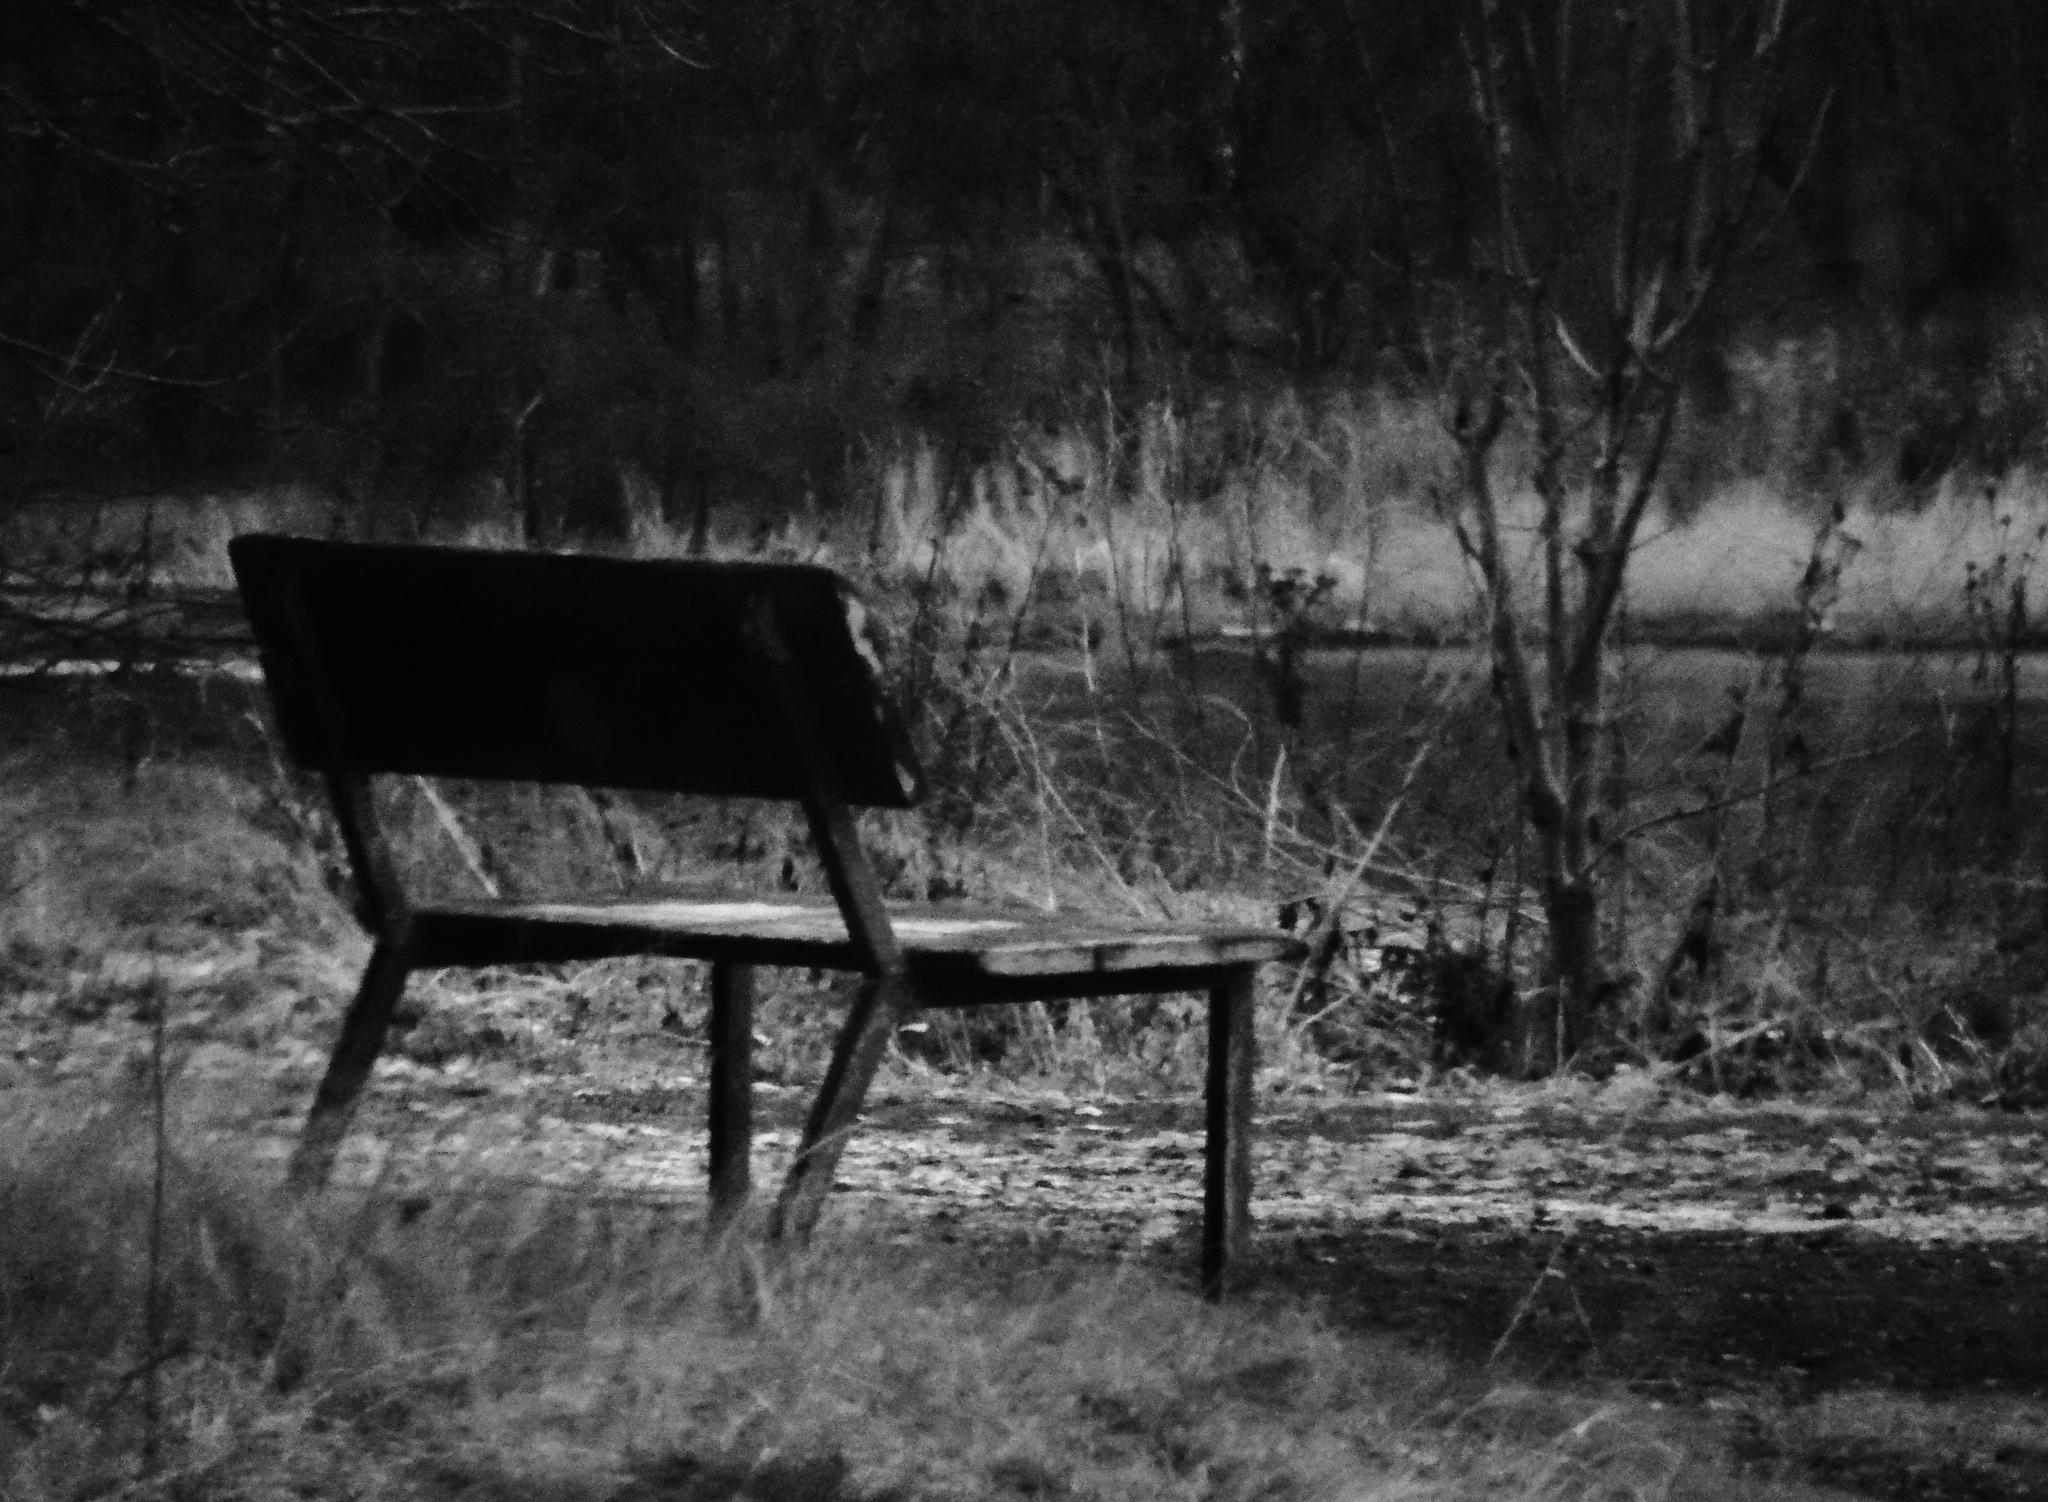 LOST MEMORIES by dag.lindberg